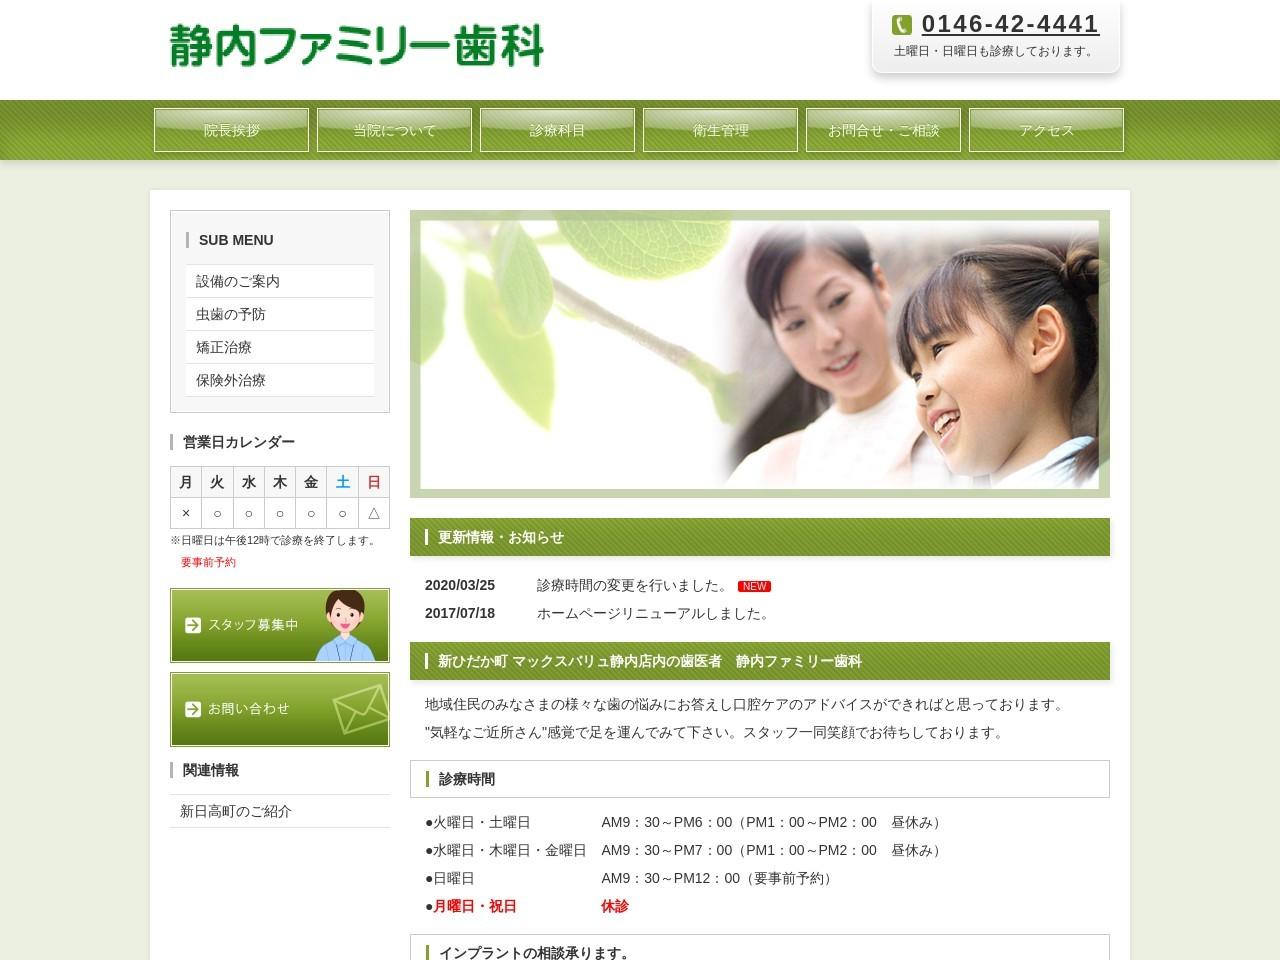 医療法人純生会  静内ファミリー歯科 (北海道日高郡新ひだか町)